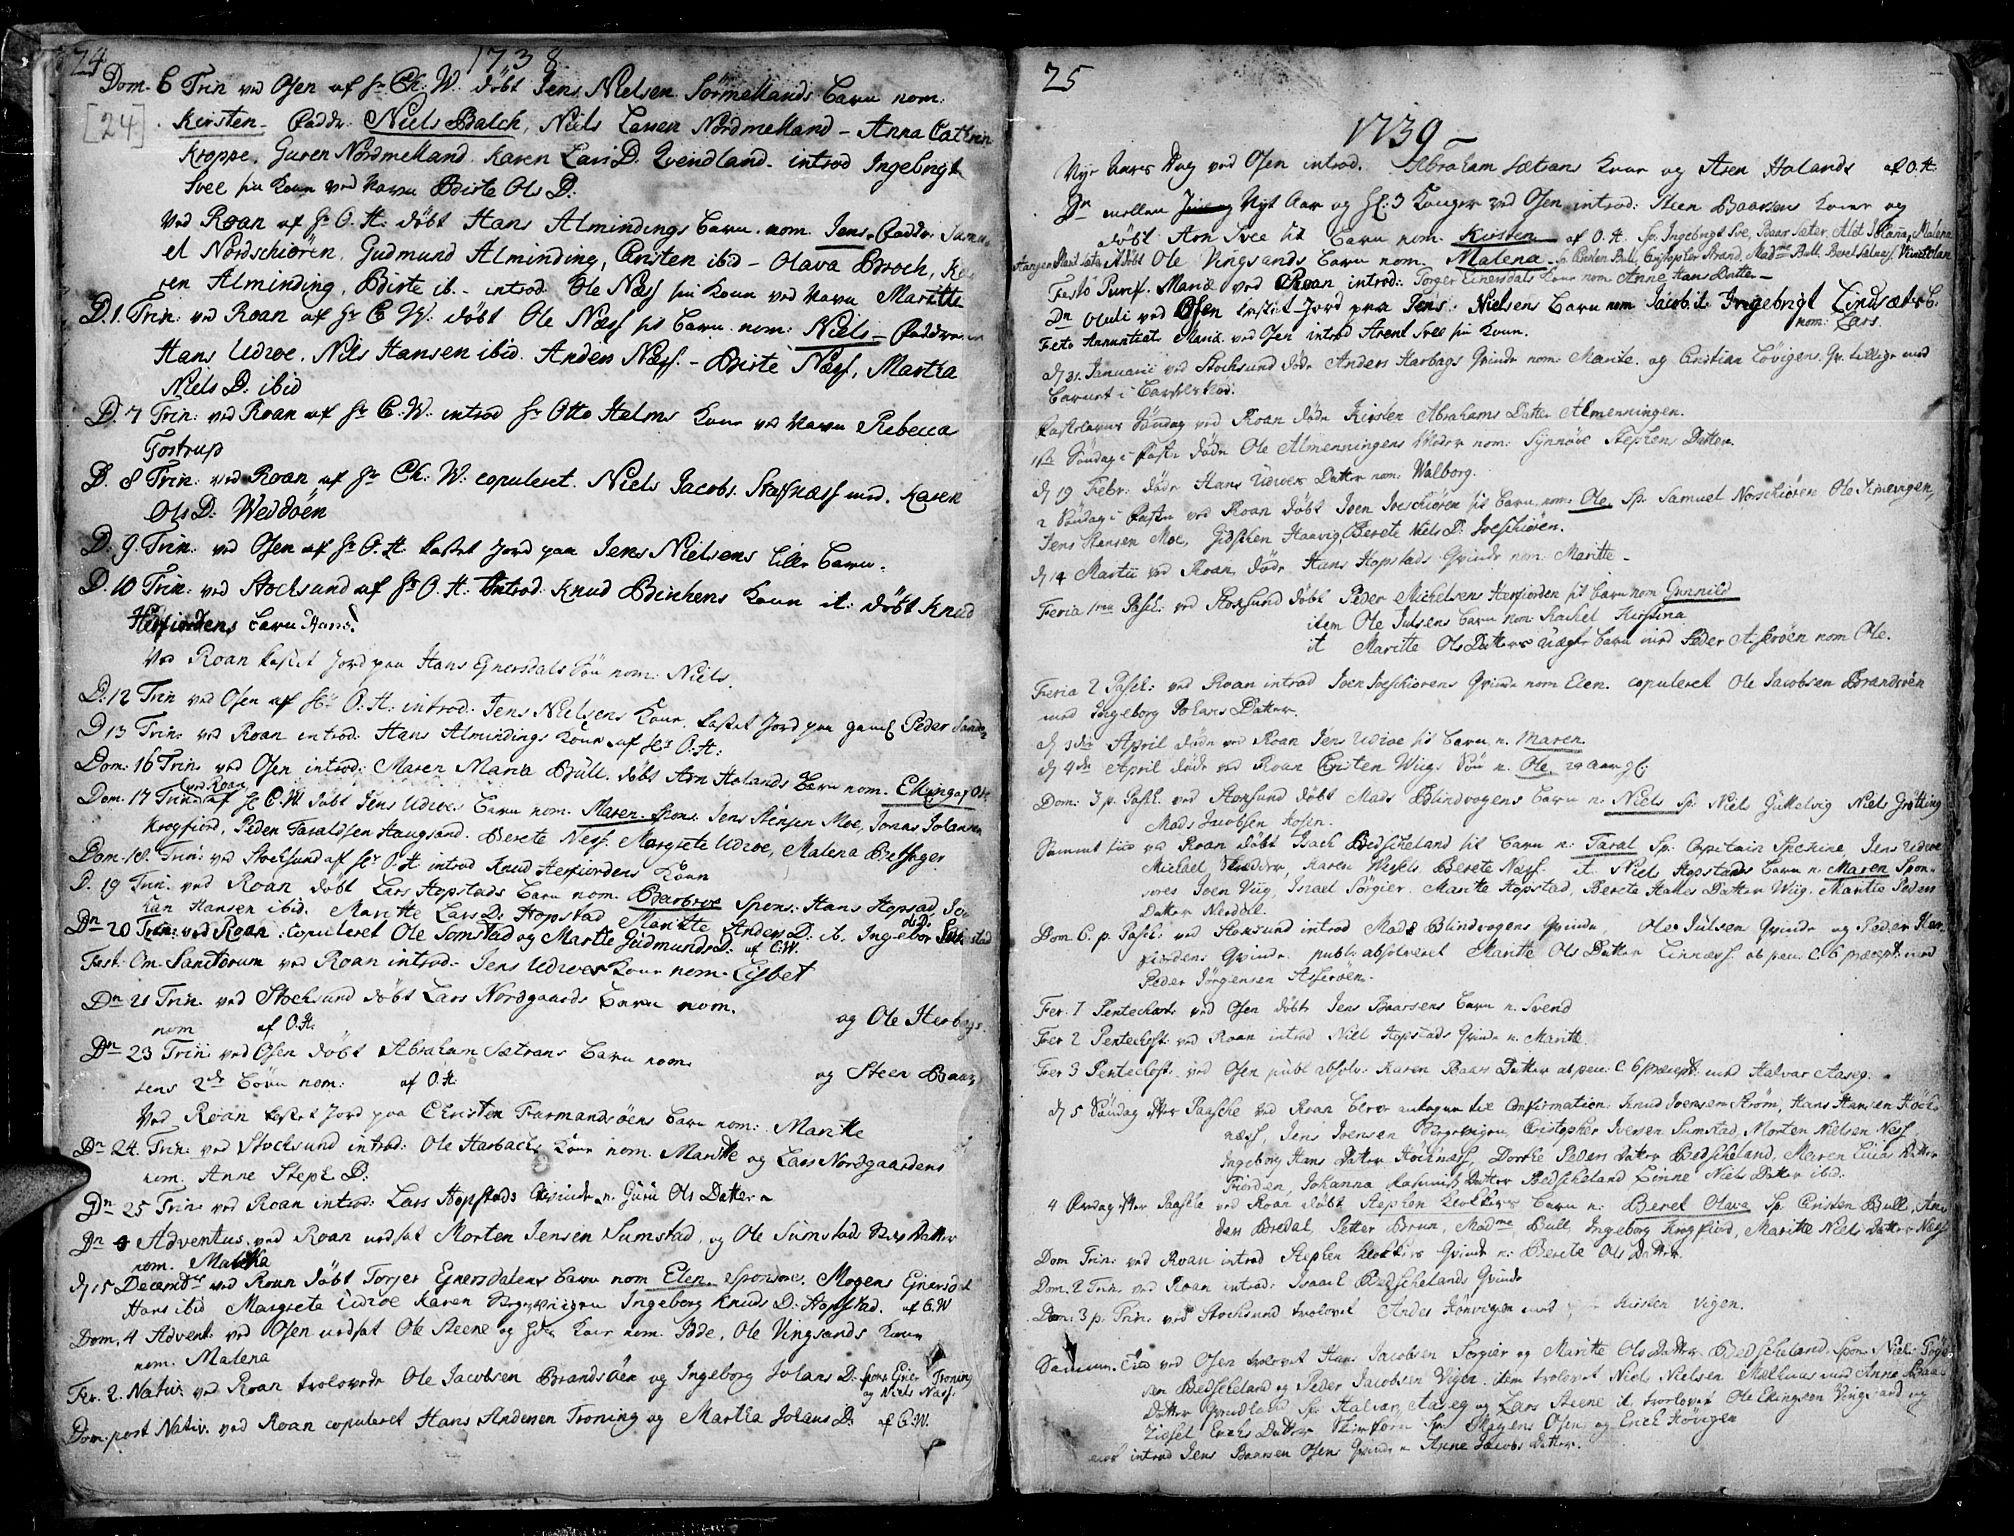 SAT, Ministerialprotokoller, klokkerbøker og fødselsregistre - Sør-Trøndelag, 657/L0700: Ministerialbok nr. 657A01, 1732-1801, s. 24-25